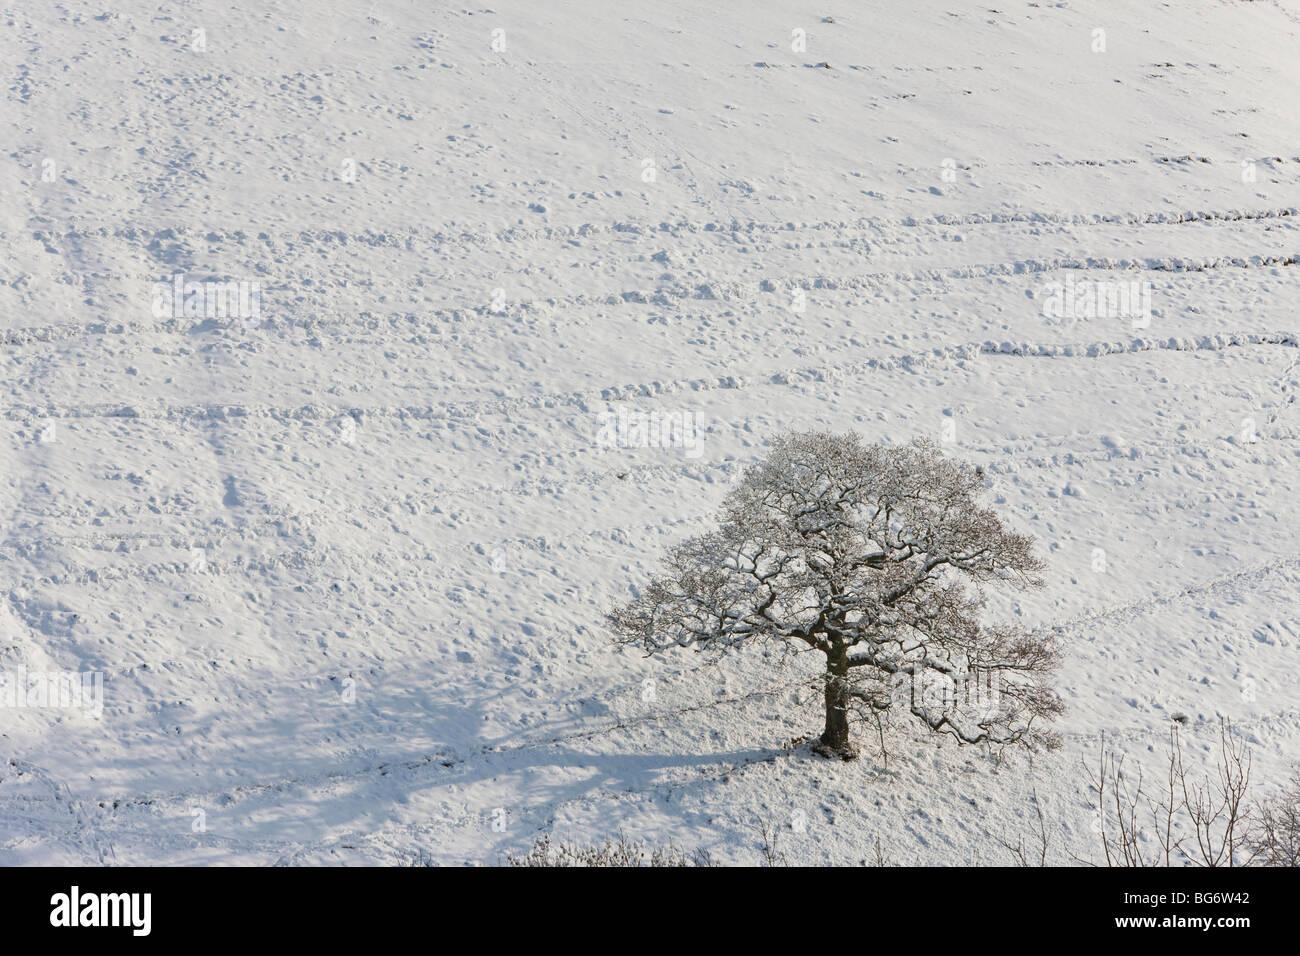 Árbol de invierno y nieve, Gloucestershire, Reino Unido Imagen De Stock